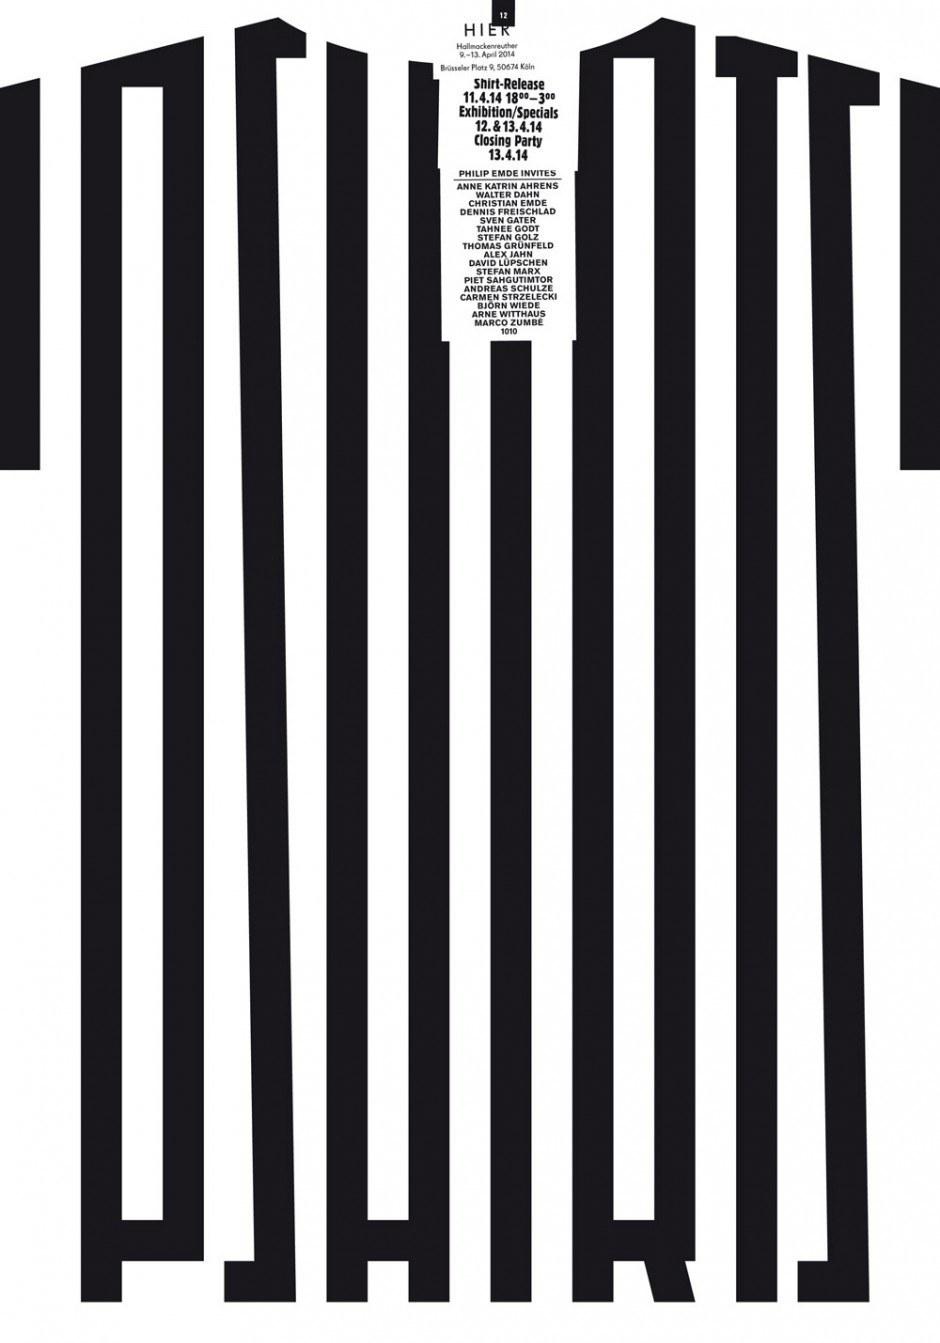 Plakat für eine Gruppenausstellung diverser Designer/Künstler, die ein vom Künstler Philip Emde vorgegebenes T-Shirt-Motiv interpretieren und abwandeln